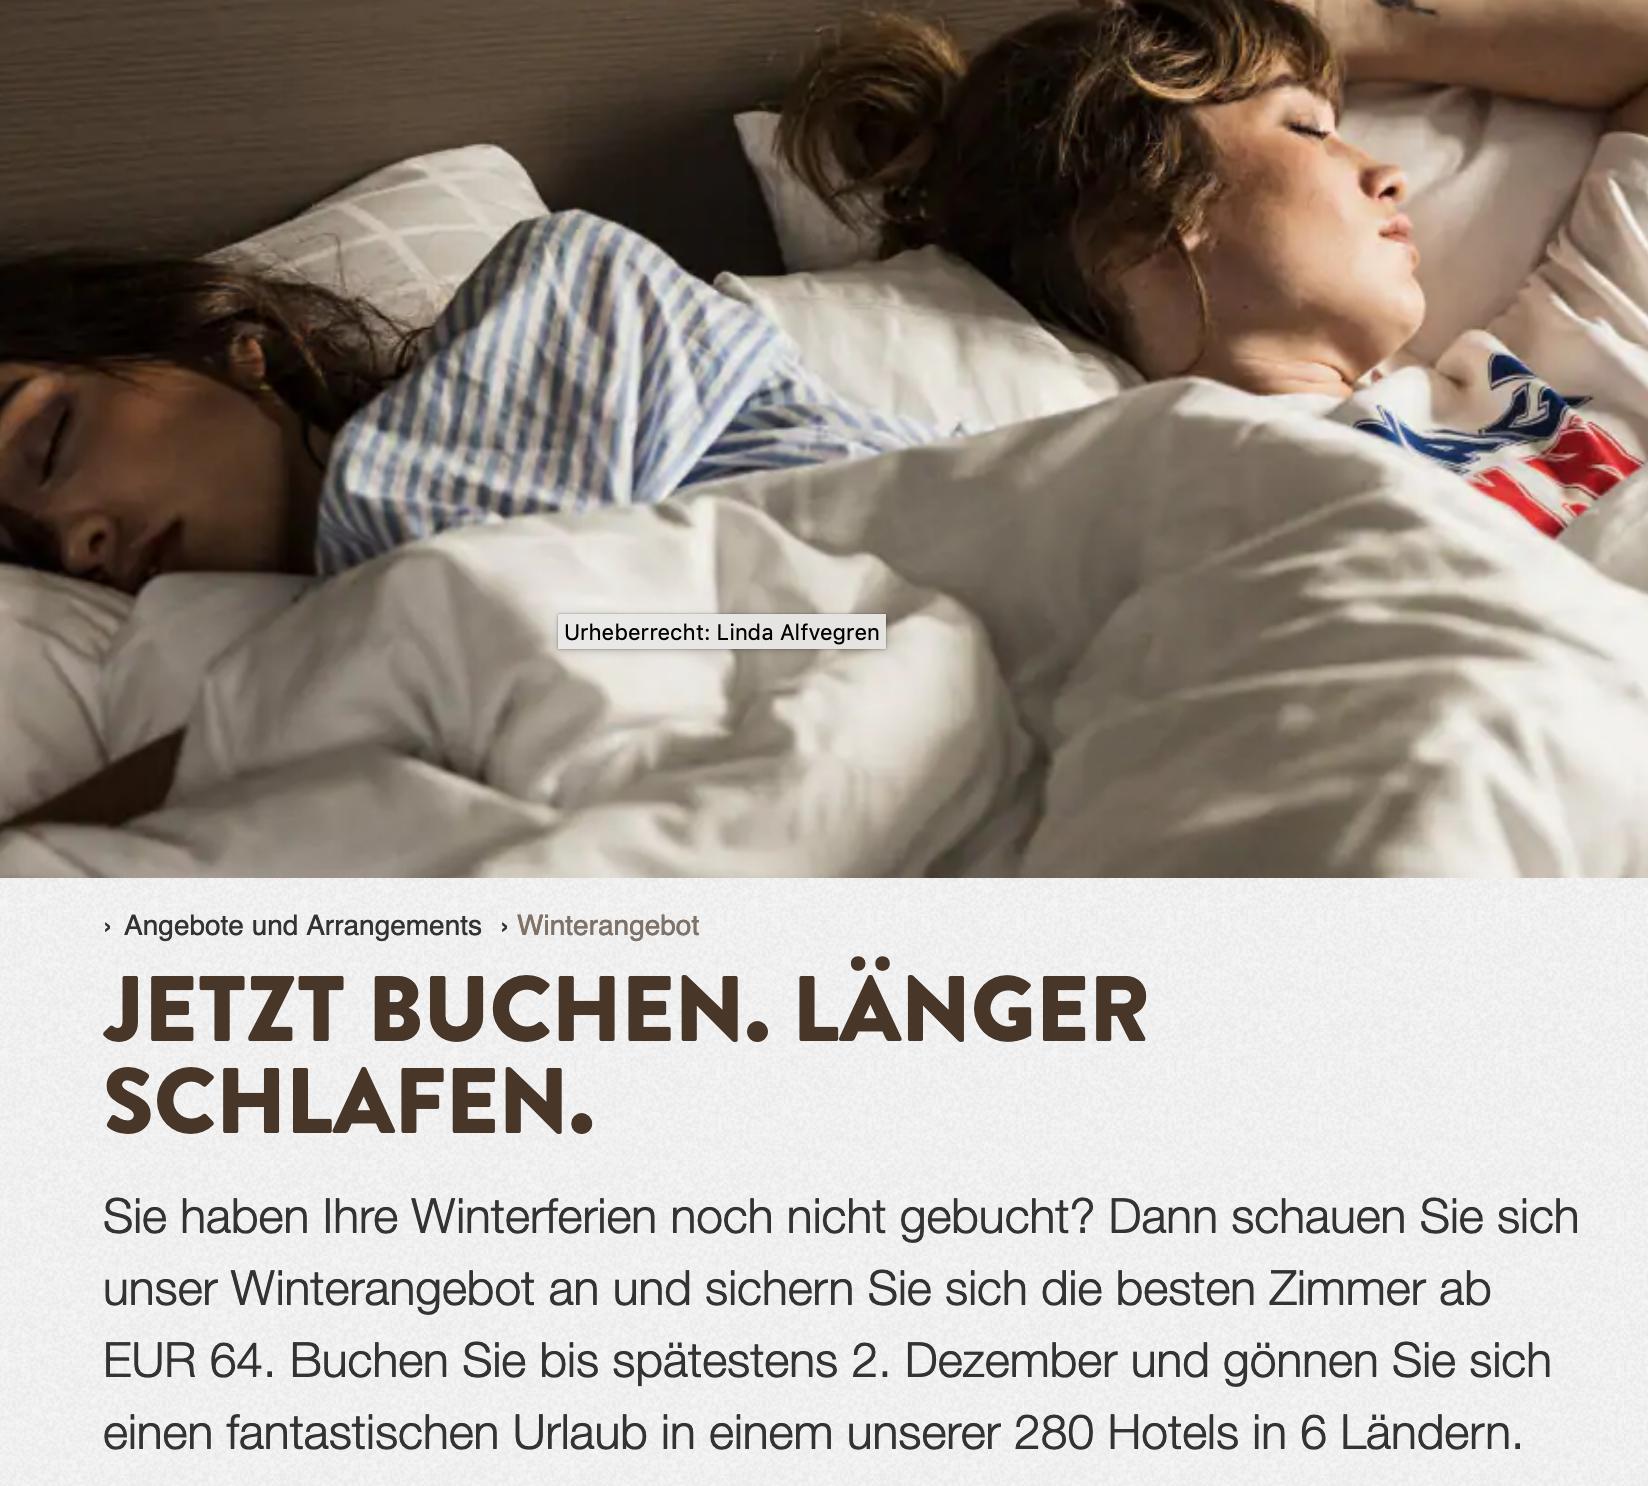 Exklusiv vorab: Doppelzimmer ab EUR 64 pro Nacht / Winterangebot bei Scandic Friends